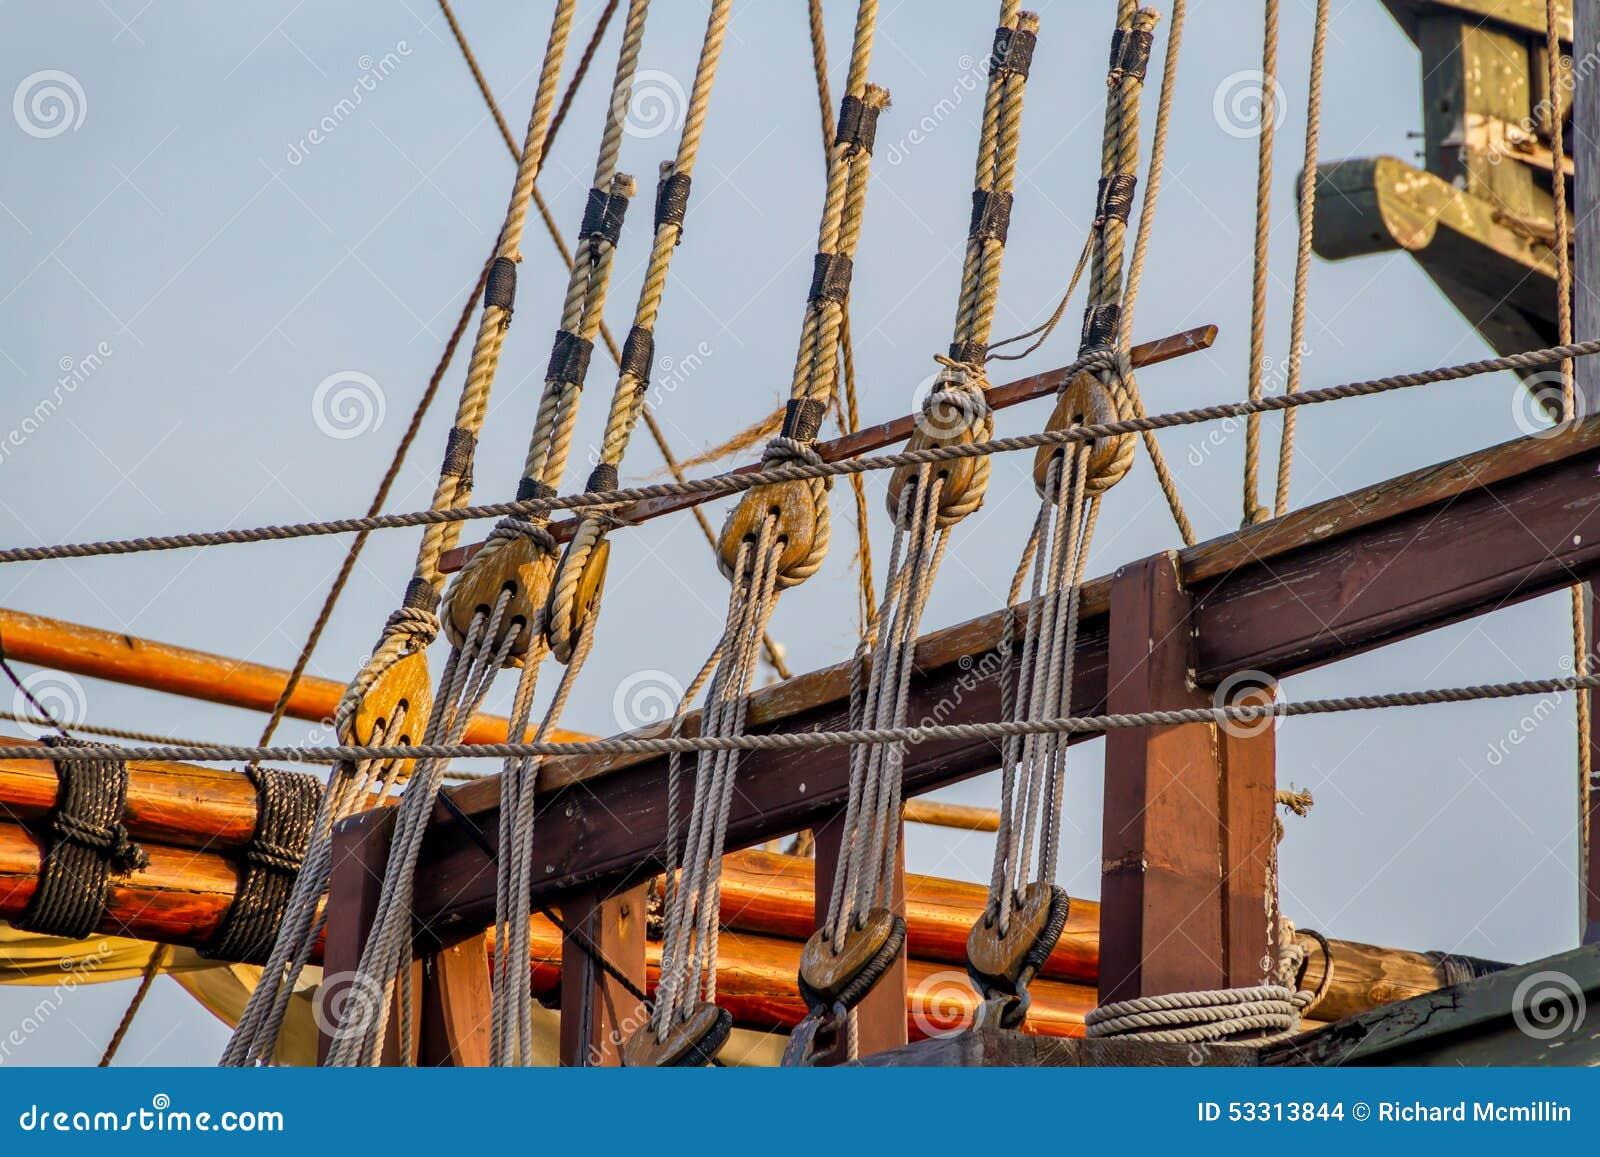 Planken, Seile, Flaschenzüge, Gerät und Takelung einer Replik eines Segelschiffs der Ära 1400 s